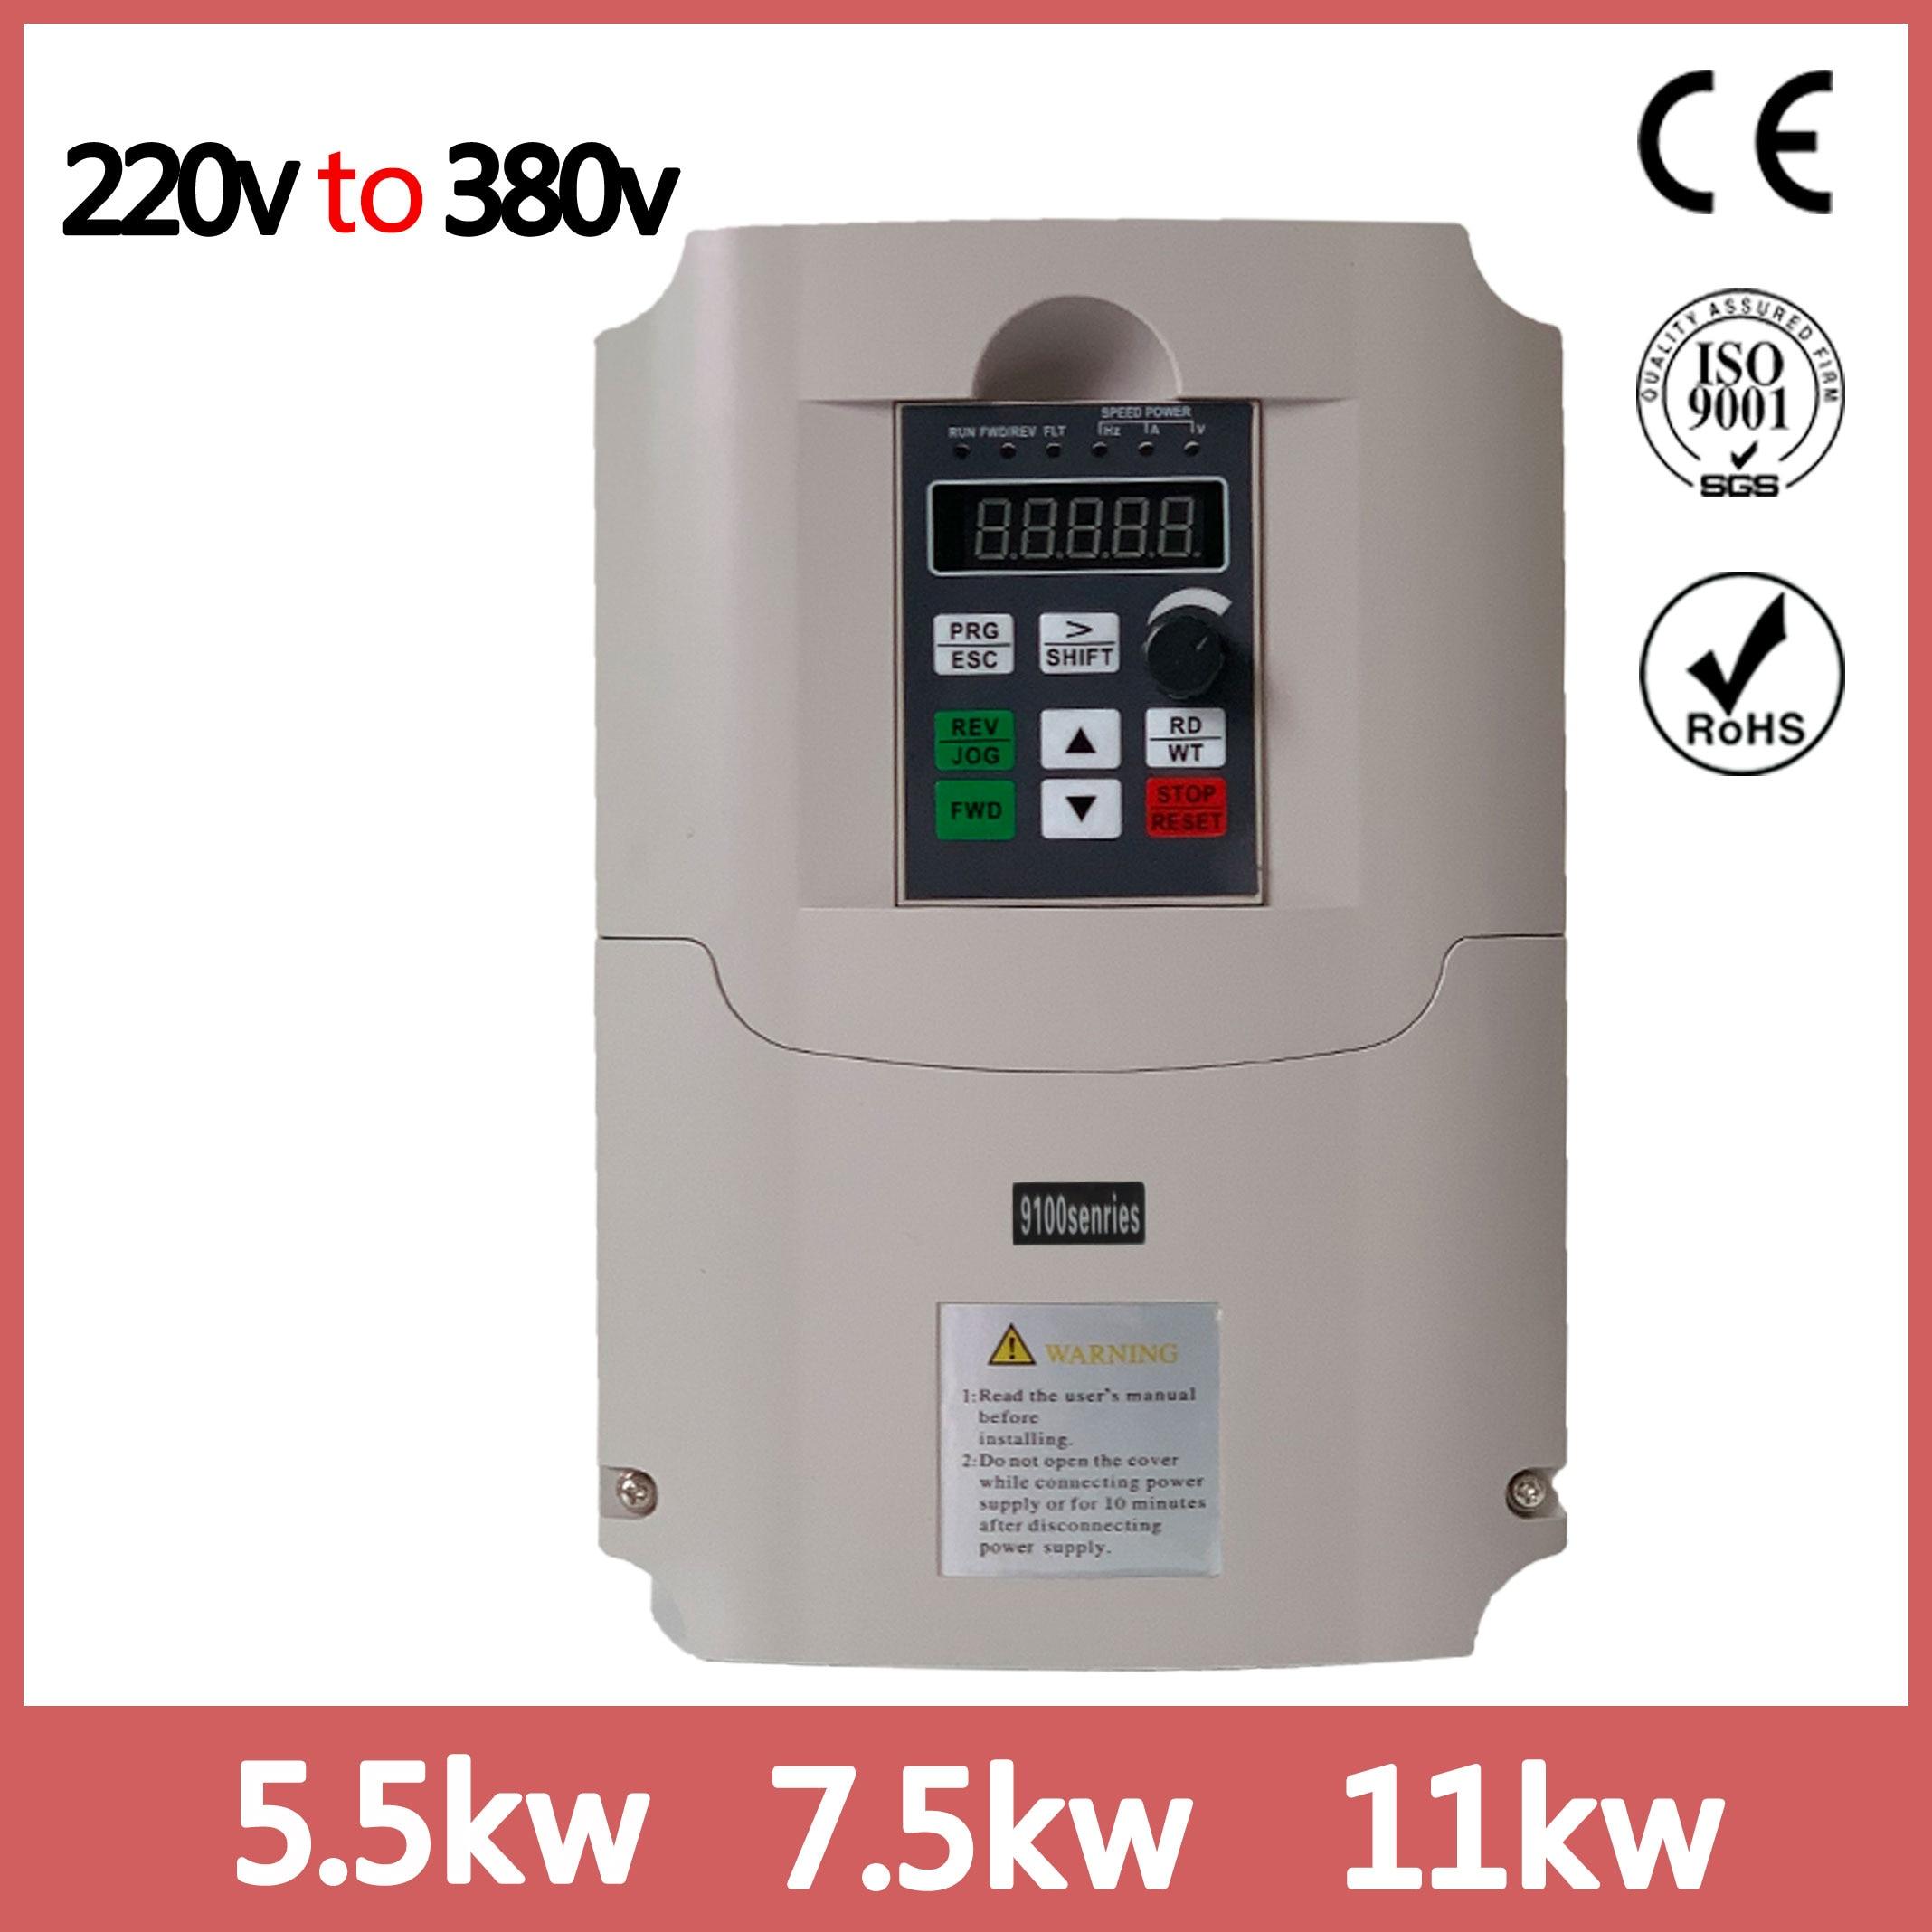 متغير التردد العاكس ، 5.5KW 0Hz-400Hz مرحلة واحدة 220VAC المدخلات إلى 3 مراحل 380VAC الناتج التردد العاكس VFD